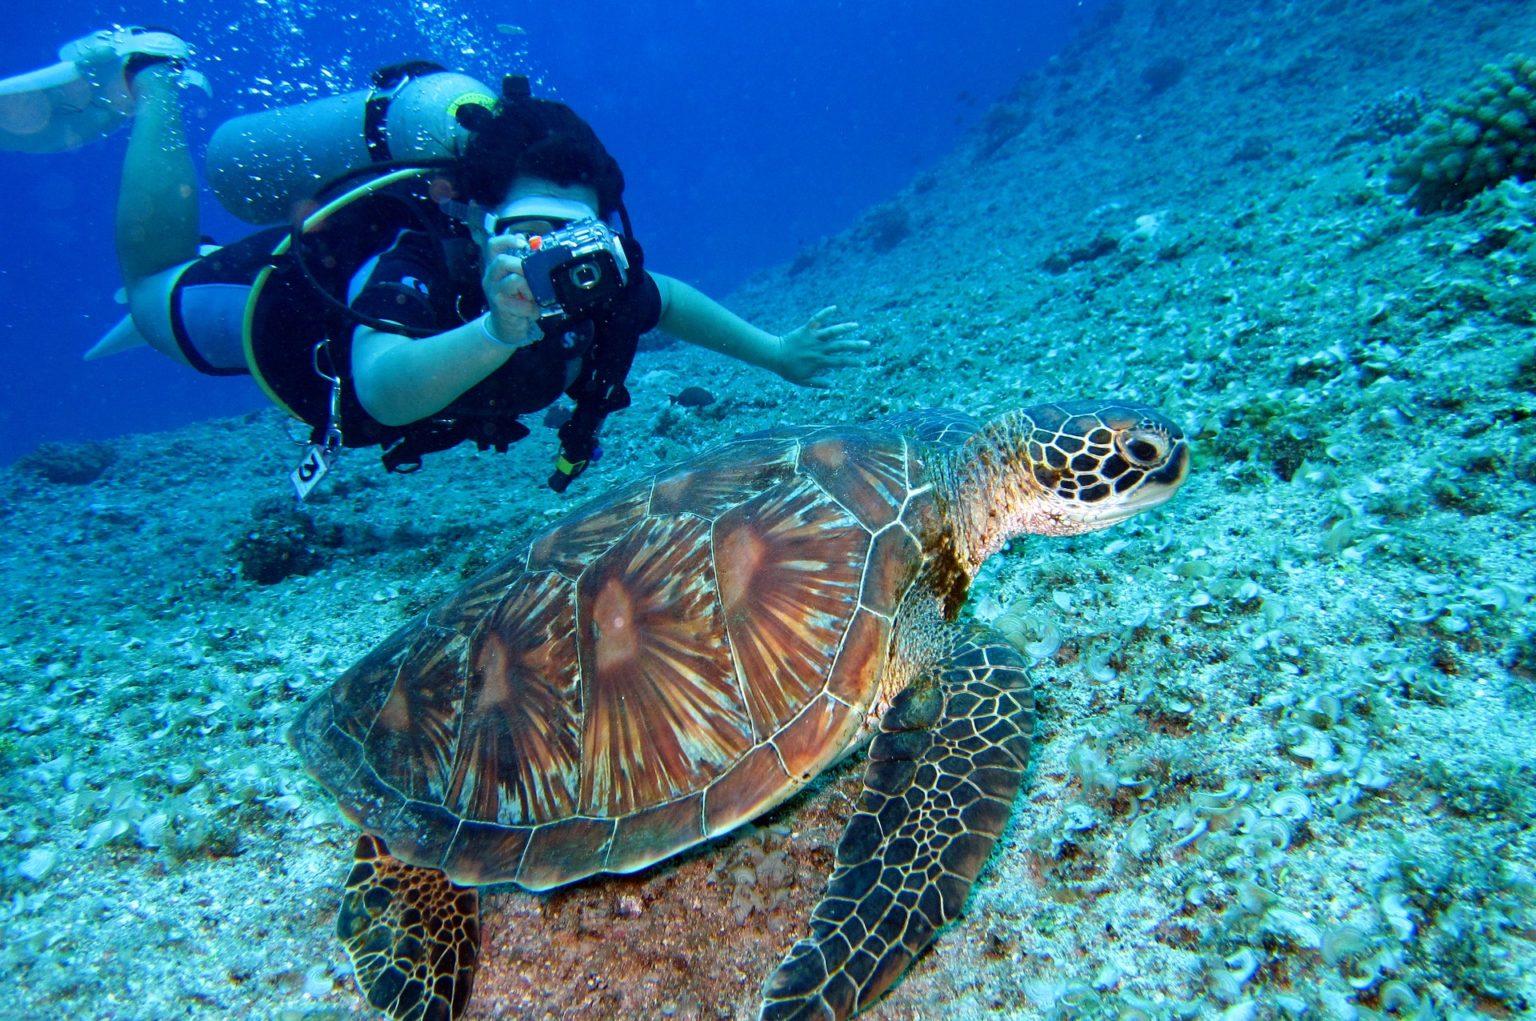 person-takes-photo-of-tortoise-1645028